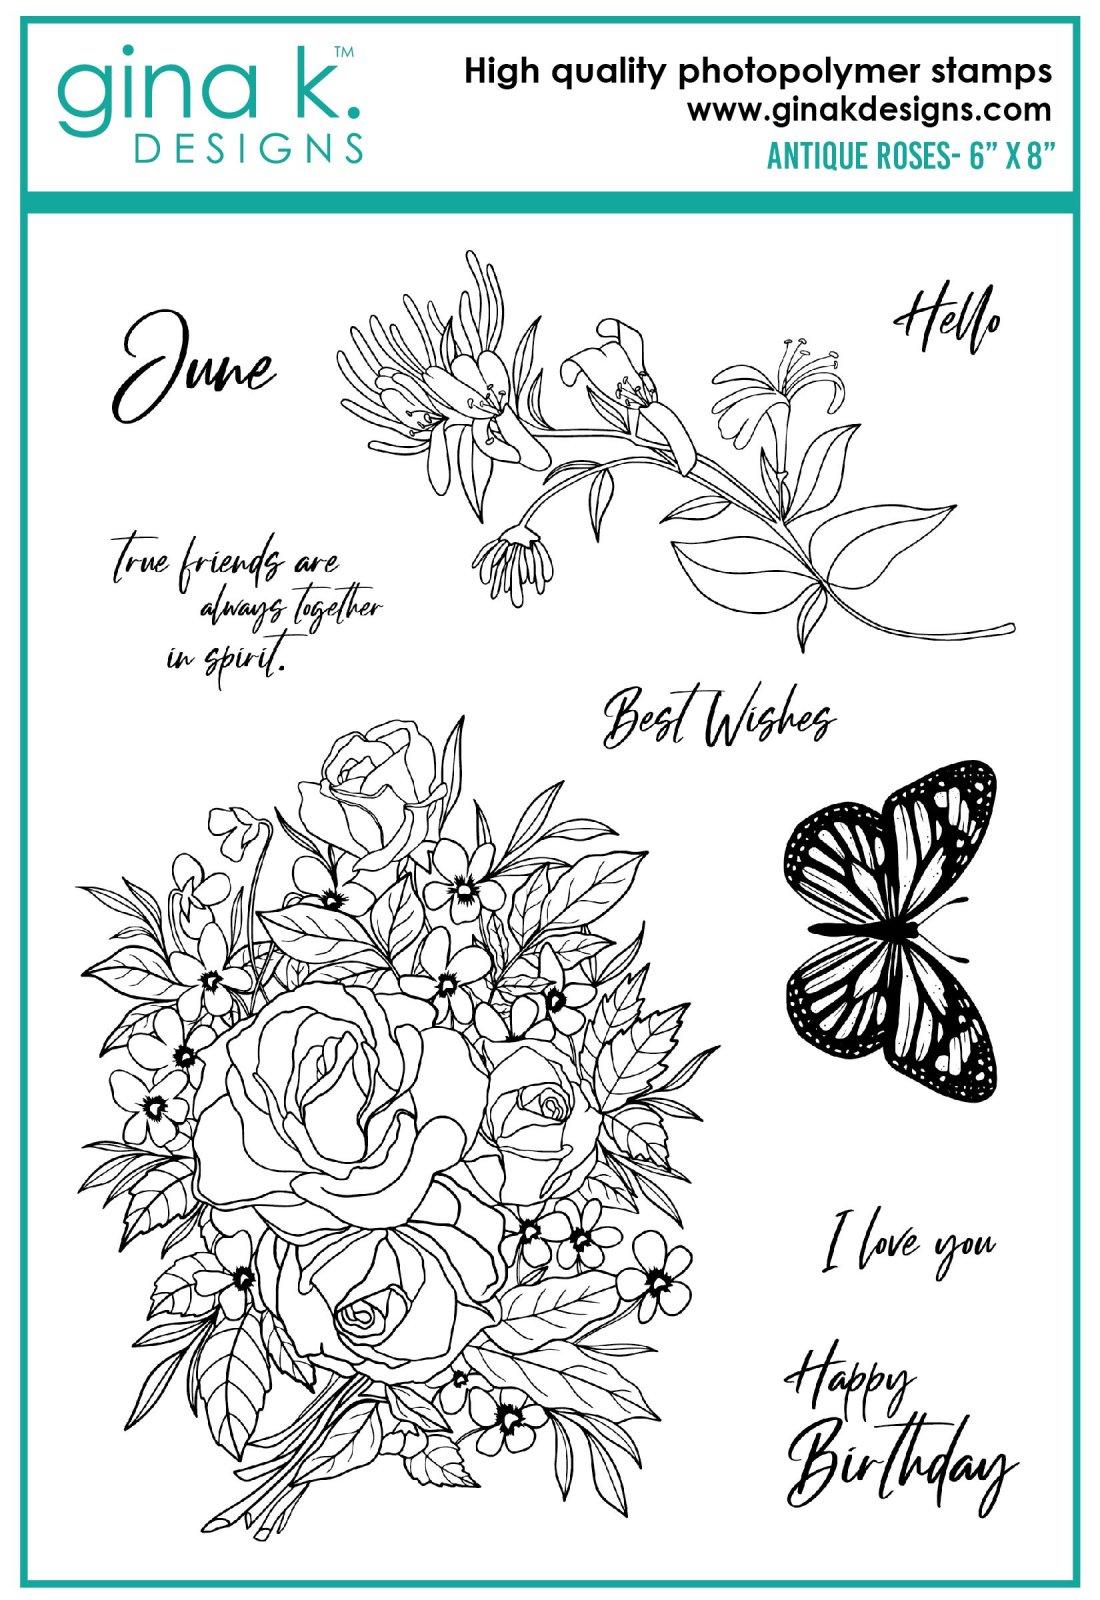 Gina K. Designs- Antique Roses Stamp Set